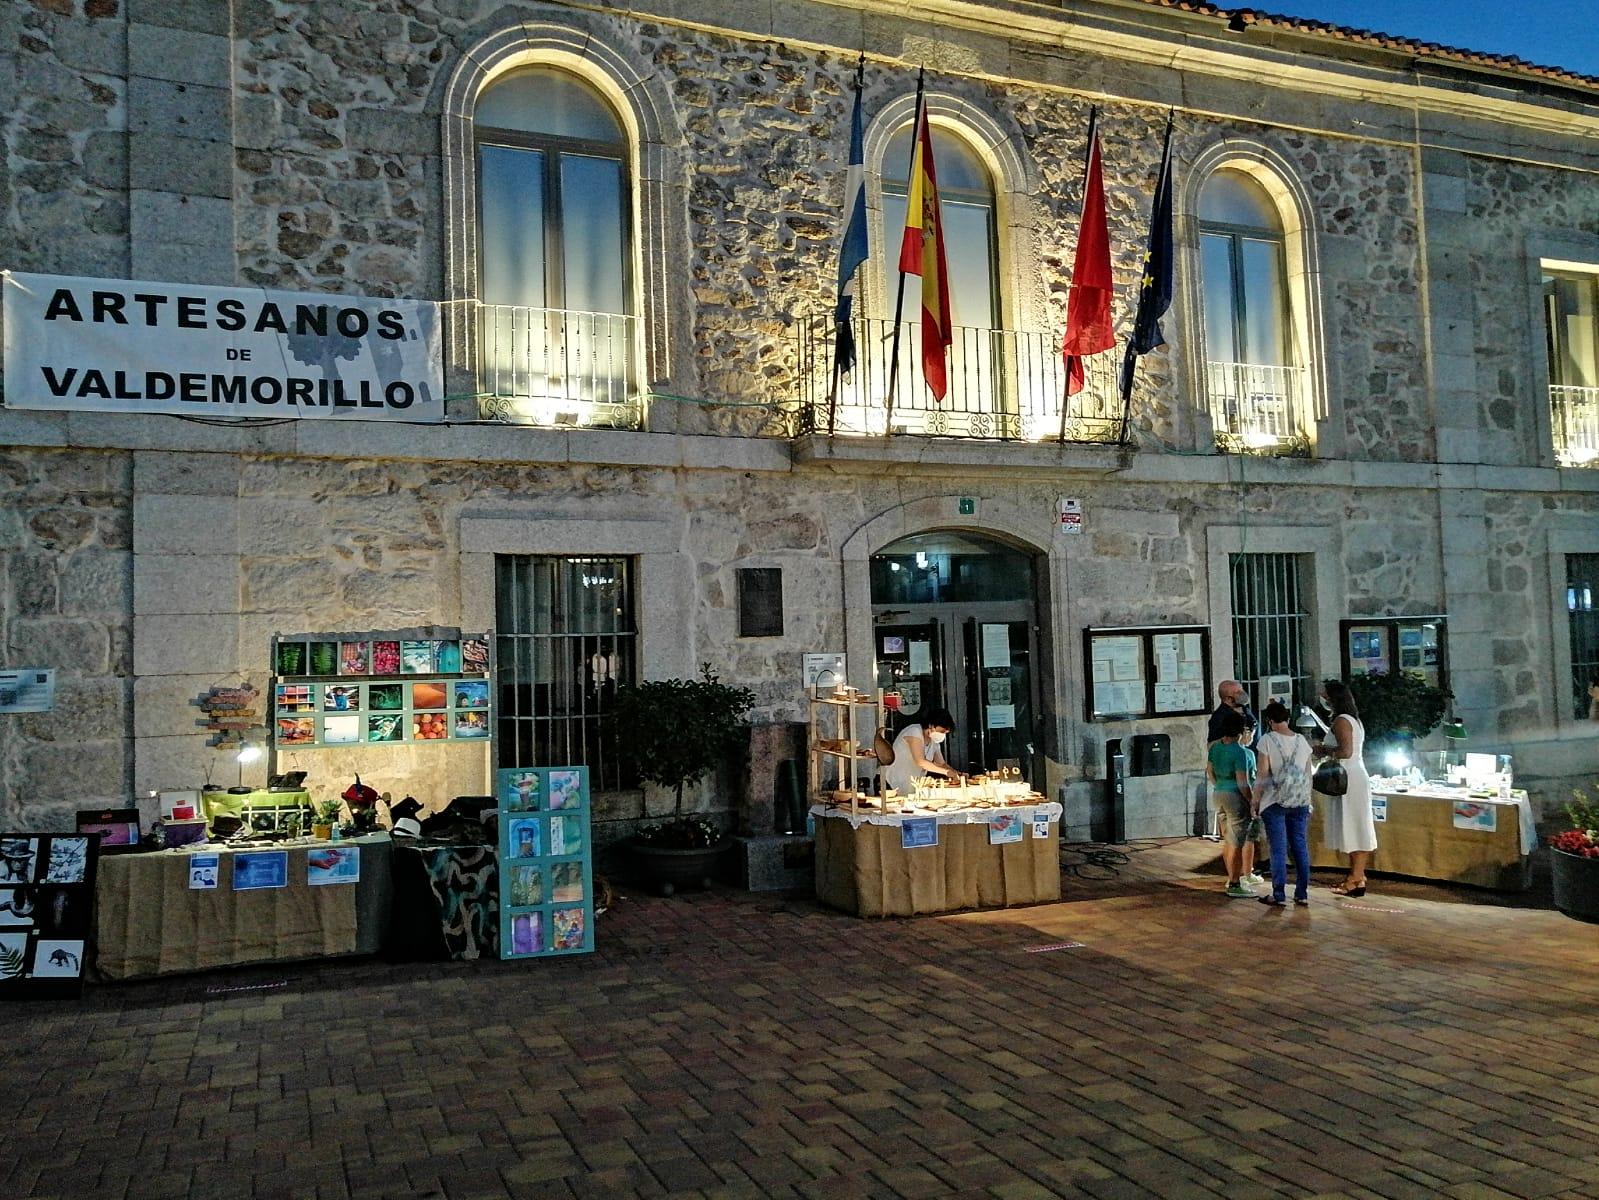 Valdemorillo reúne las creaciones más singulares hechas a mano en su Plaza de la Artesanía que desde este 2 de julio  podrá visitarse  todos los viernes y sábados hasta el 3 de septiembre